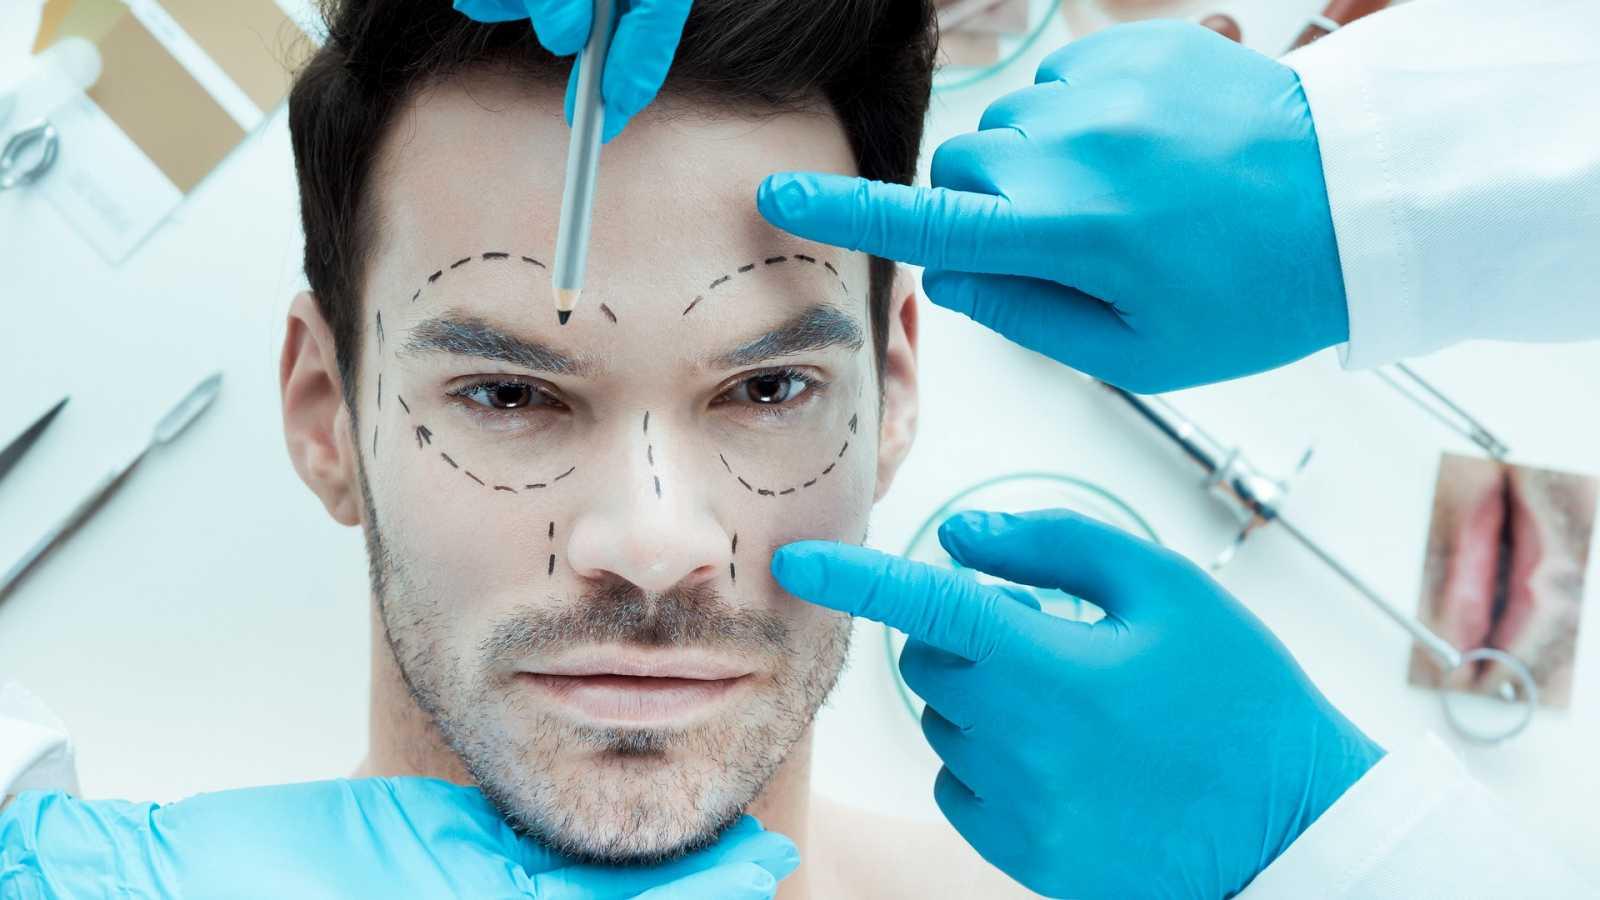 Medicina estética en tiempos de pandemia